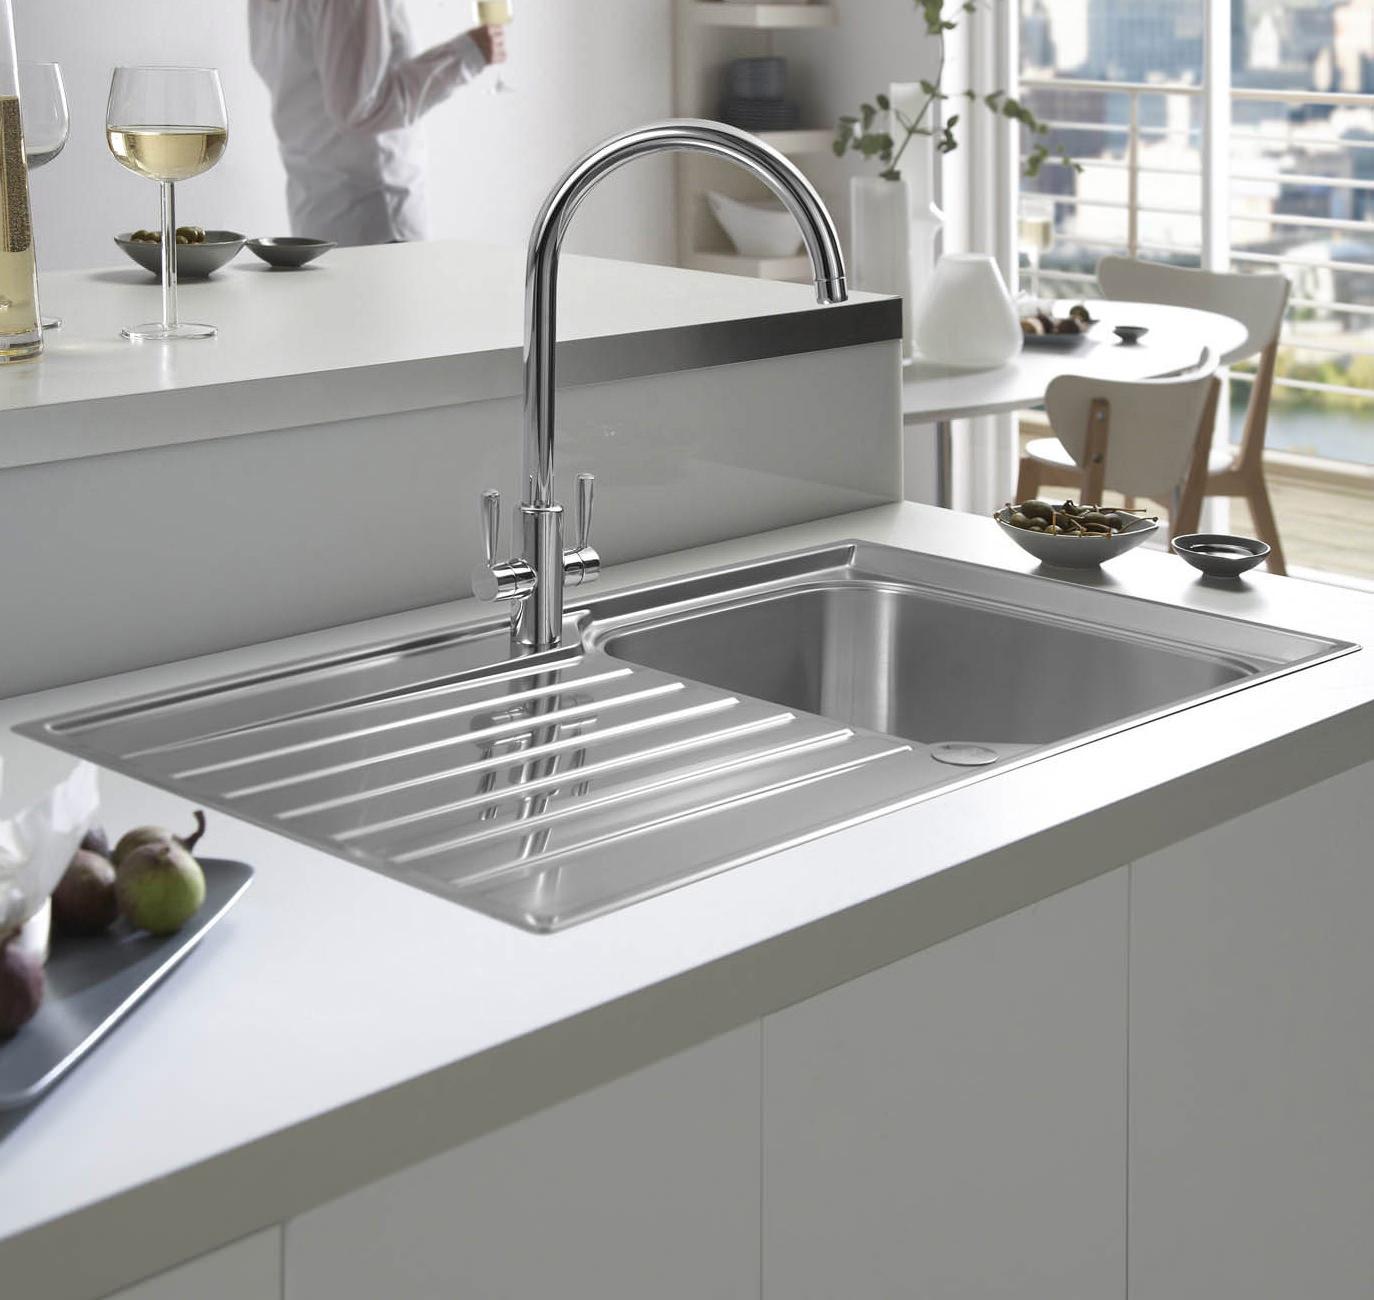 Franke Ascona Sink : ... of Franke Ascona ASX 611-100 Stainless Steel 1.0 Bowl Inset Sink